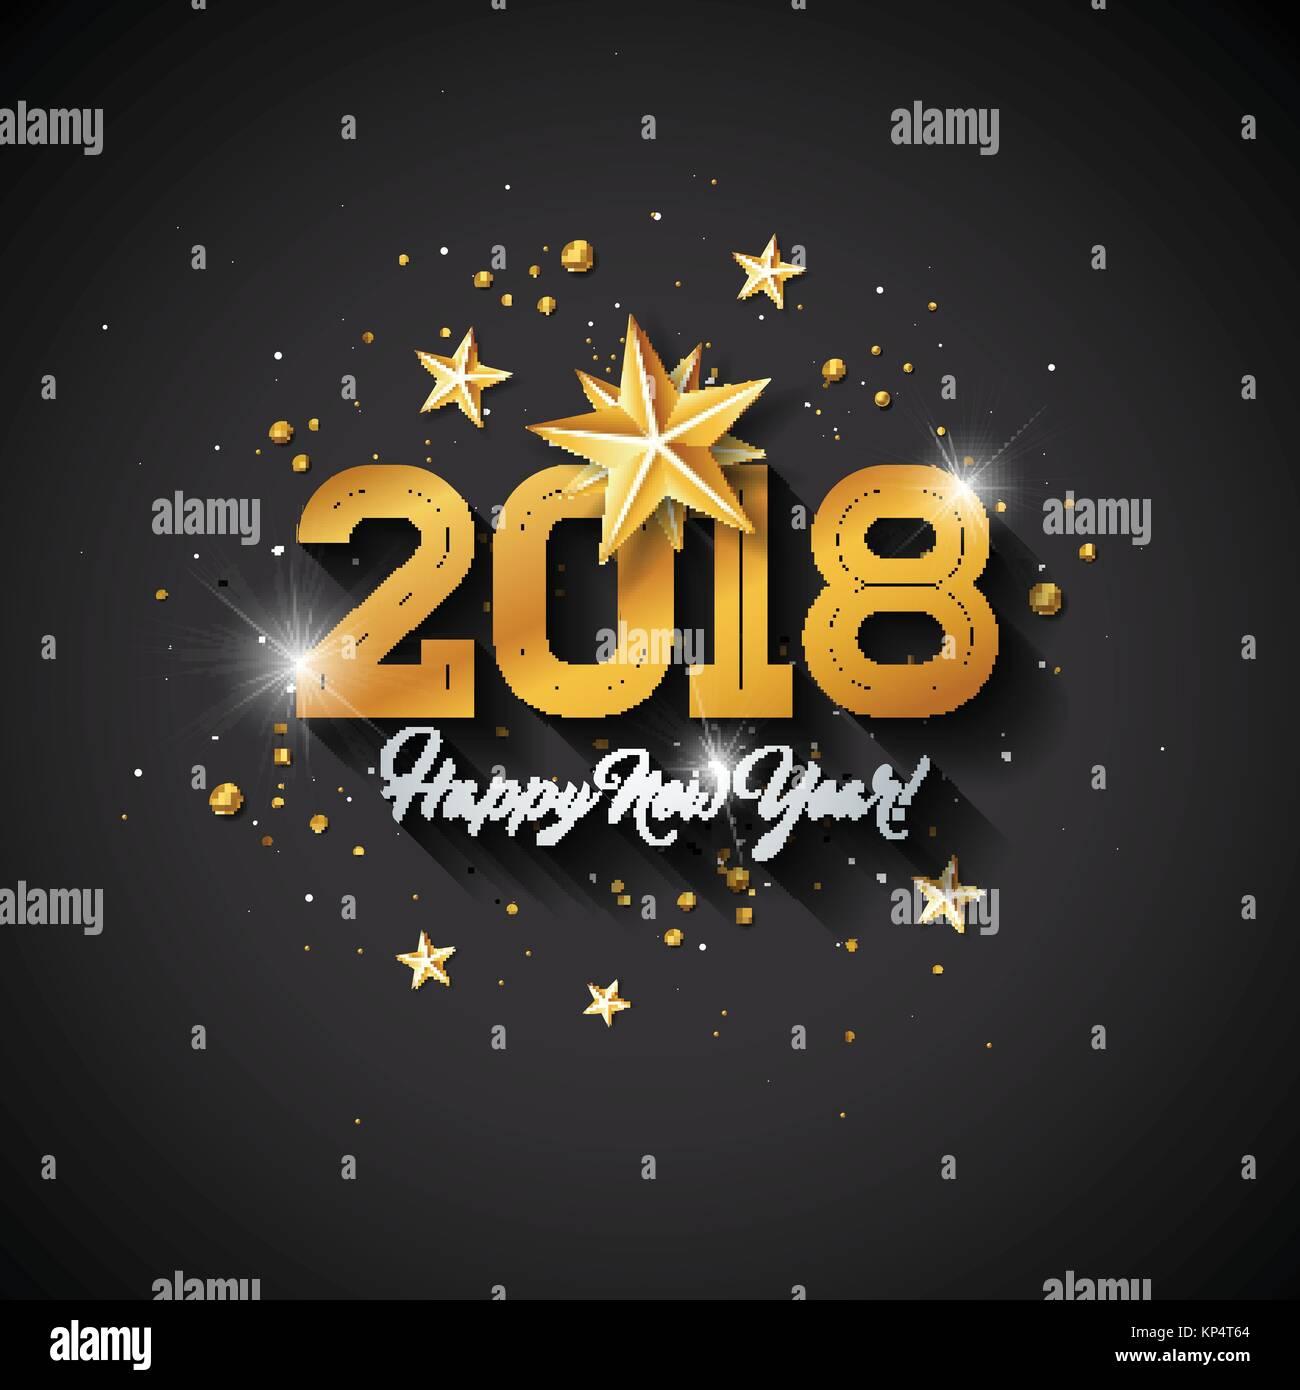 Feliz Año Nuevo Ilustración Con Tipografía Carta Y Bola Ornamental